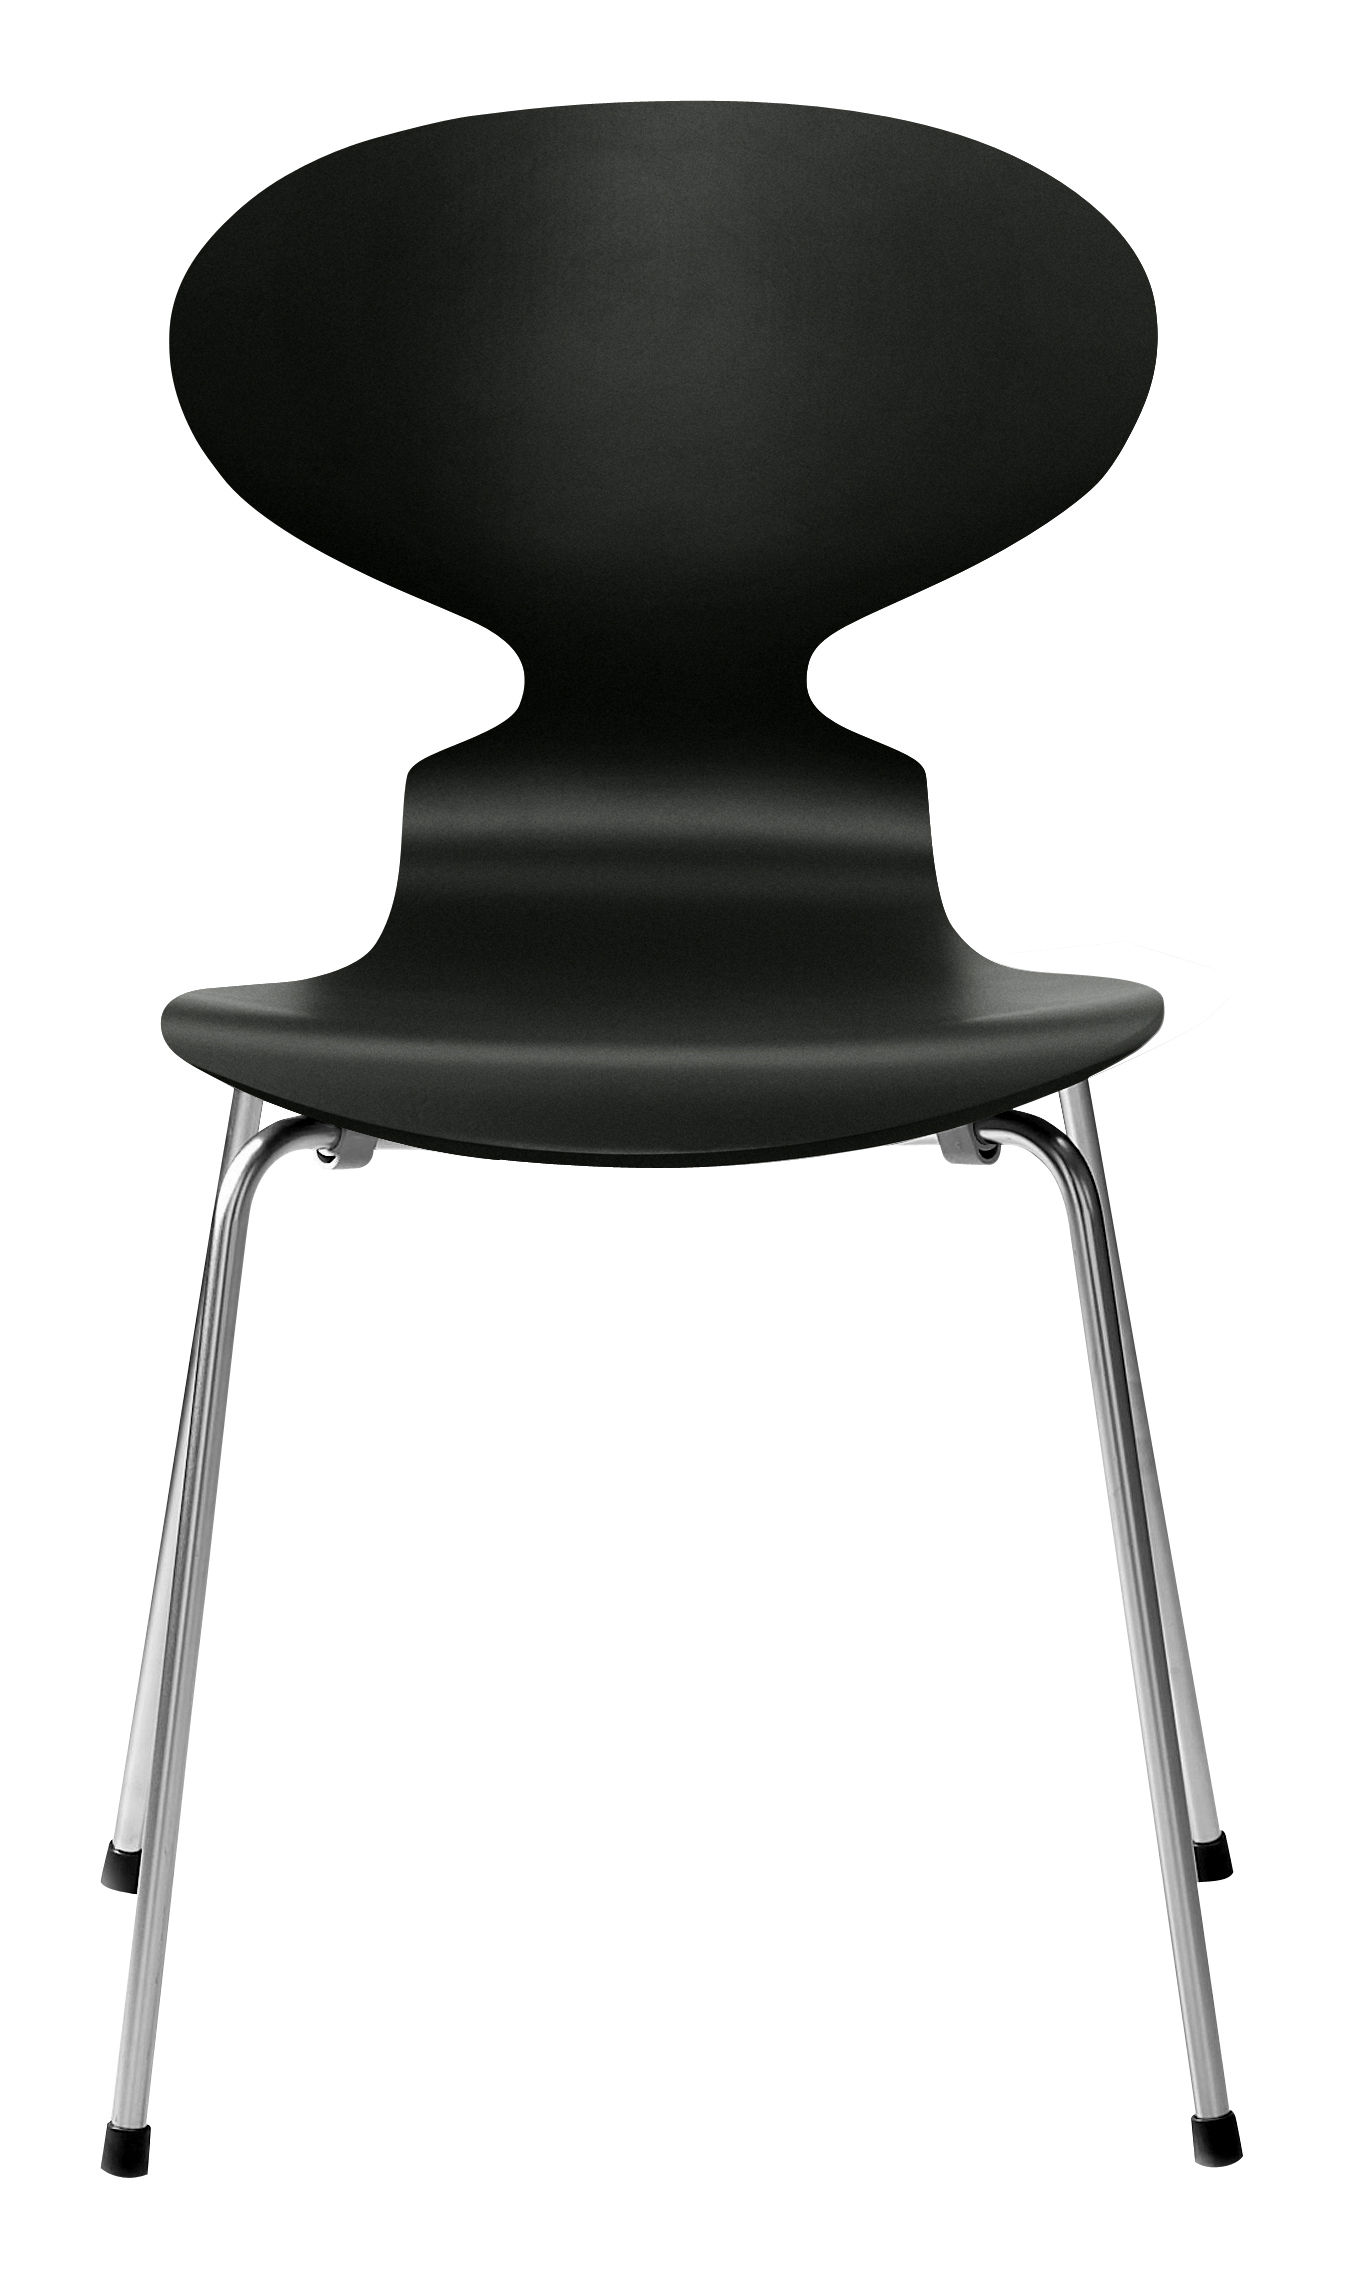 Chaise empilable fourmi bois laqu laqu noir fritz hansen for Chaise fourmi